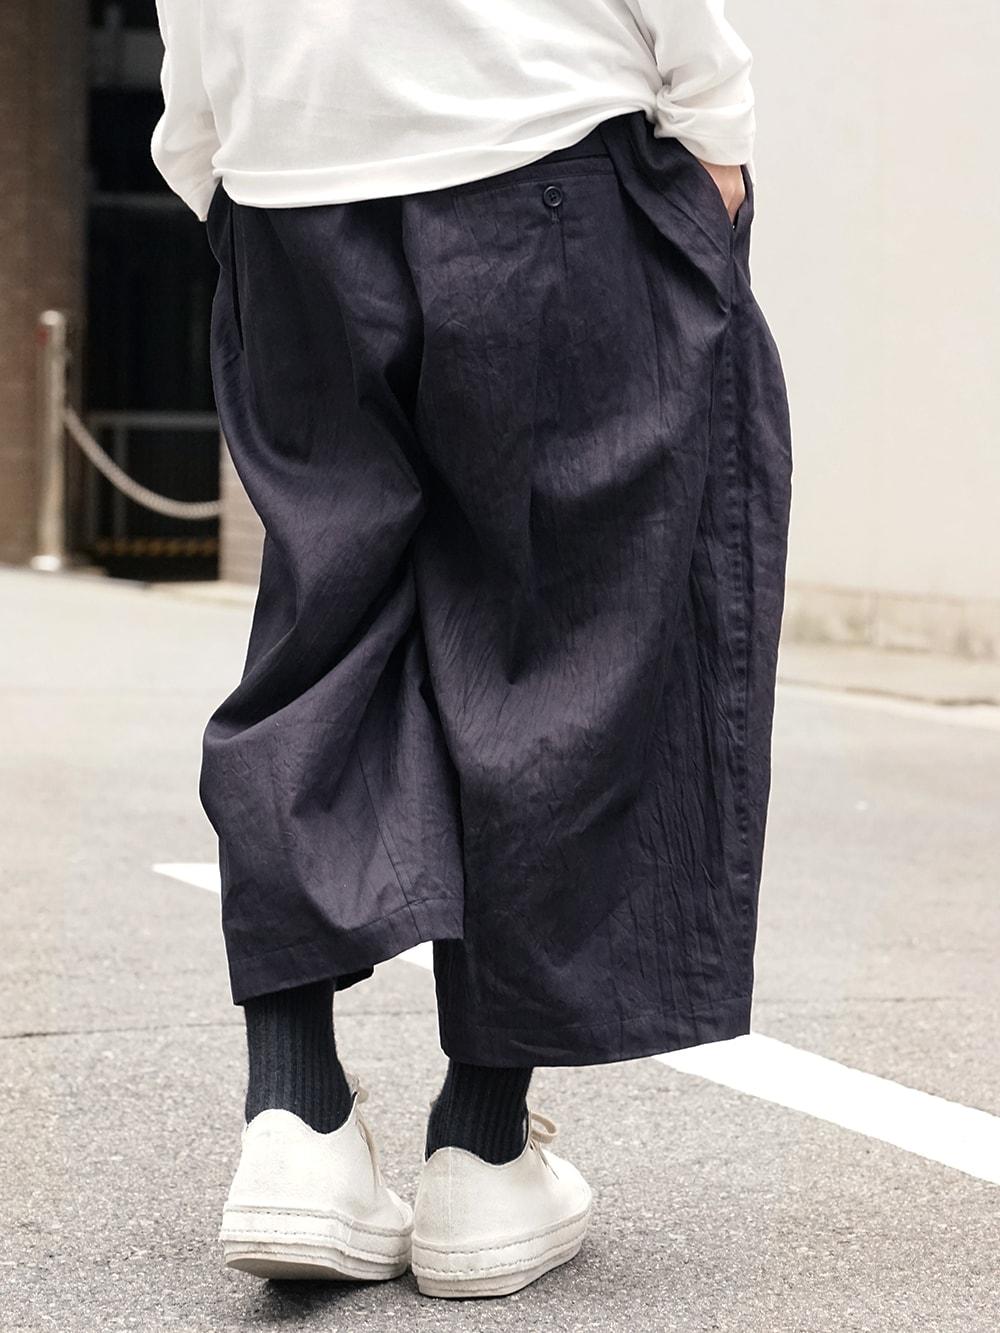 Yohji Yamamoto Side Tuck Pants Style 08